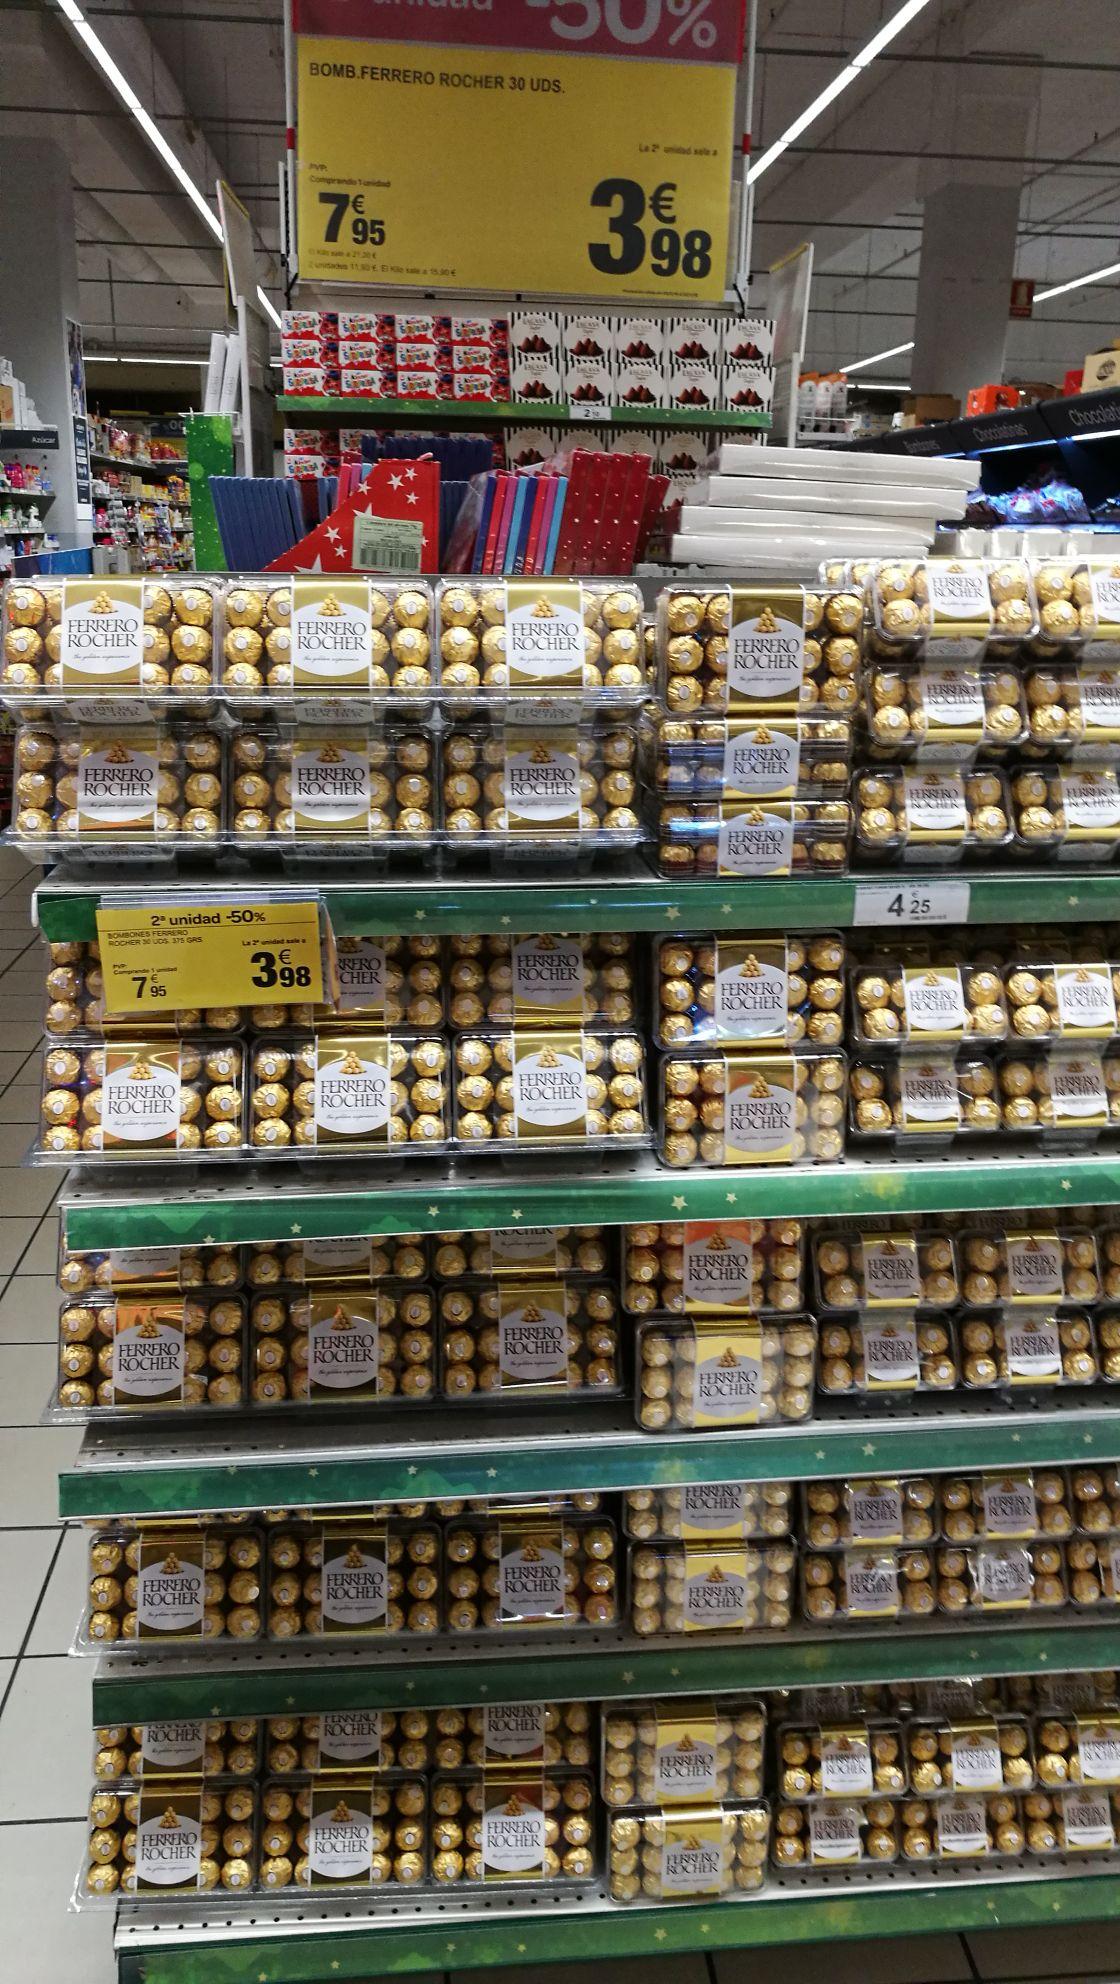 60 bombones Ferrero Rocher